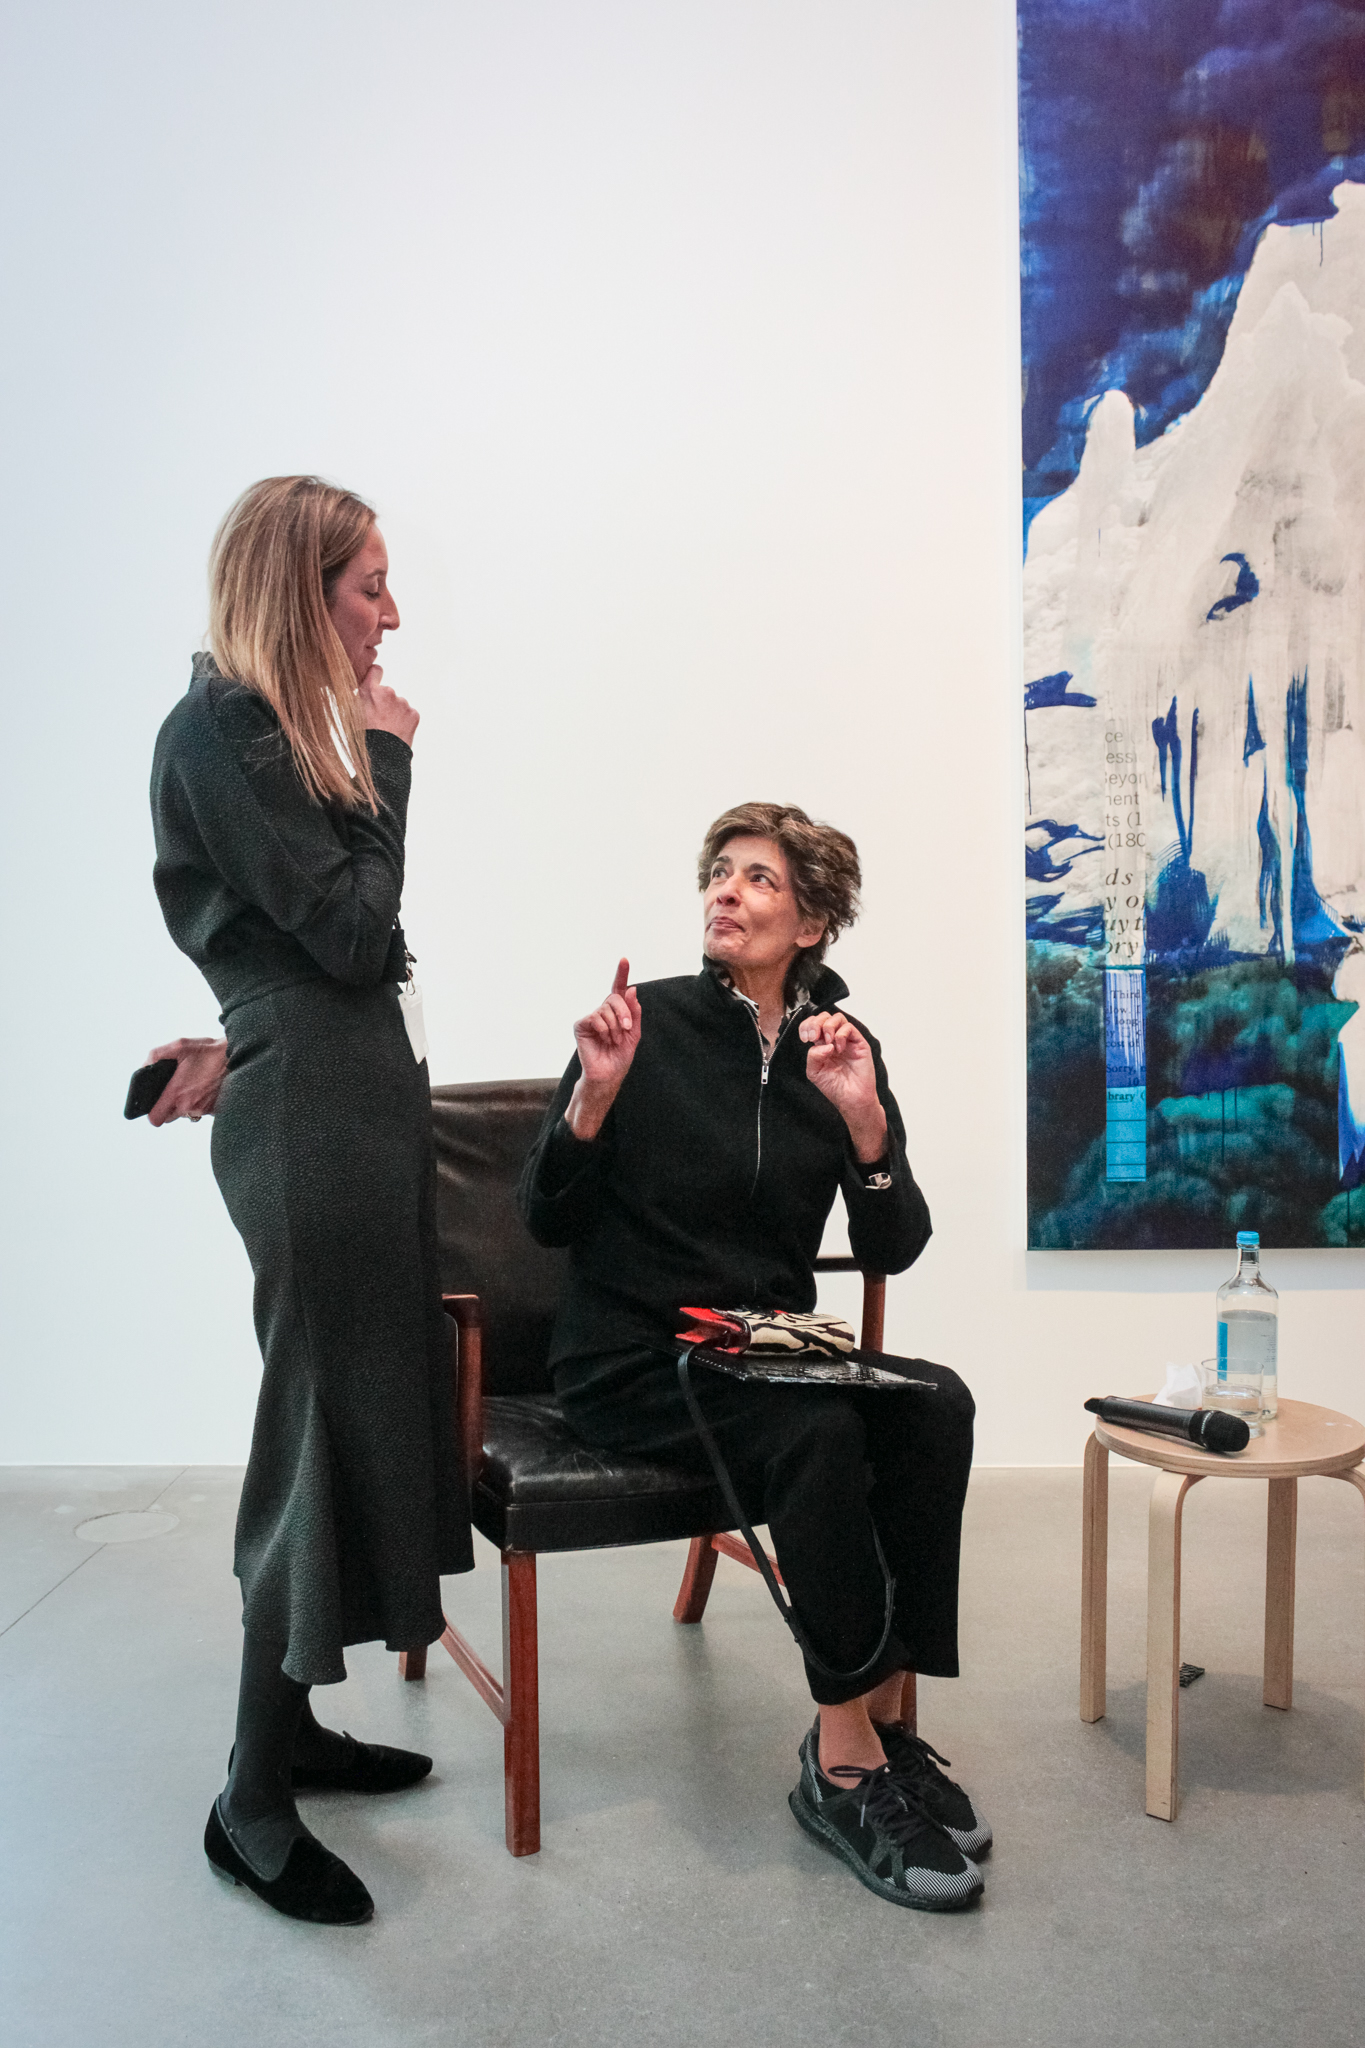 Zoe Sperling and Parveen Adams